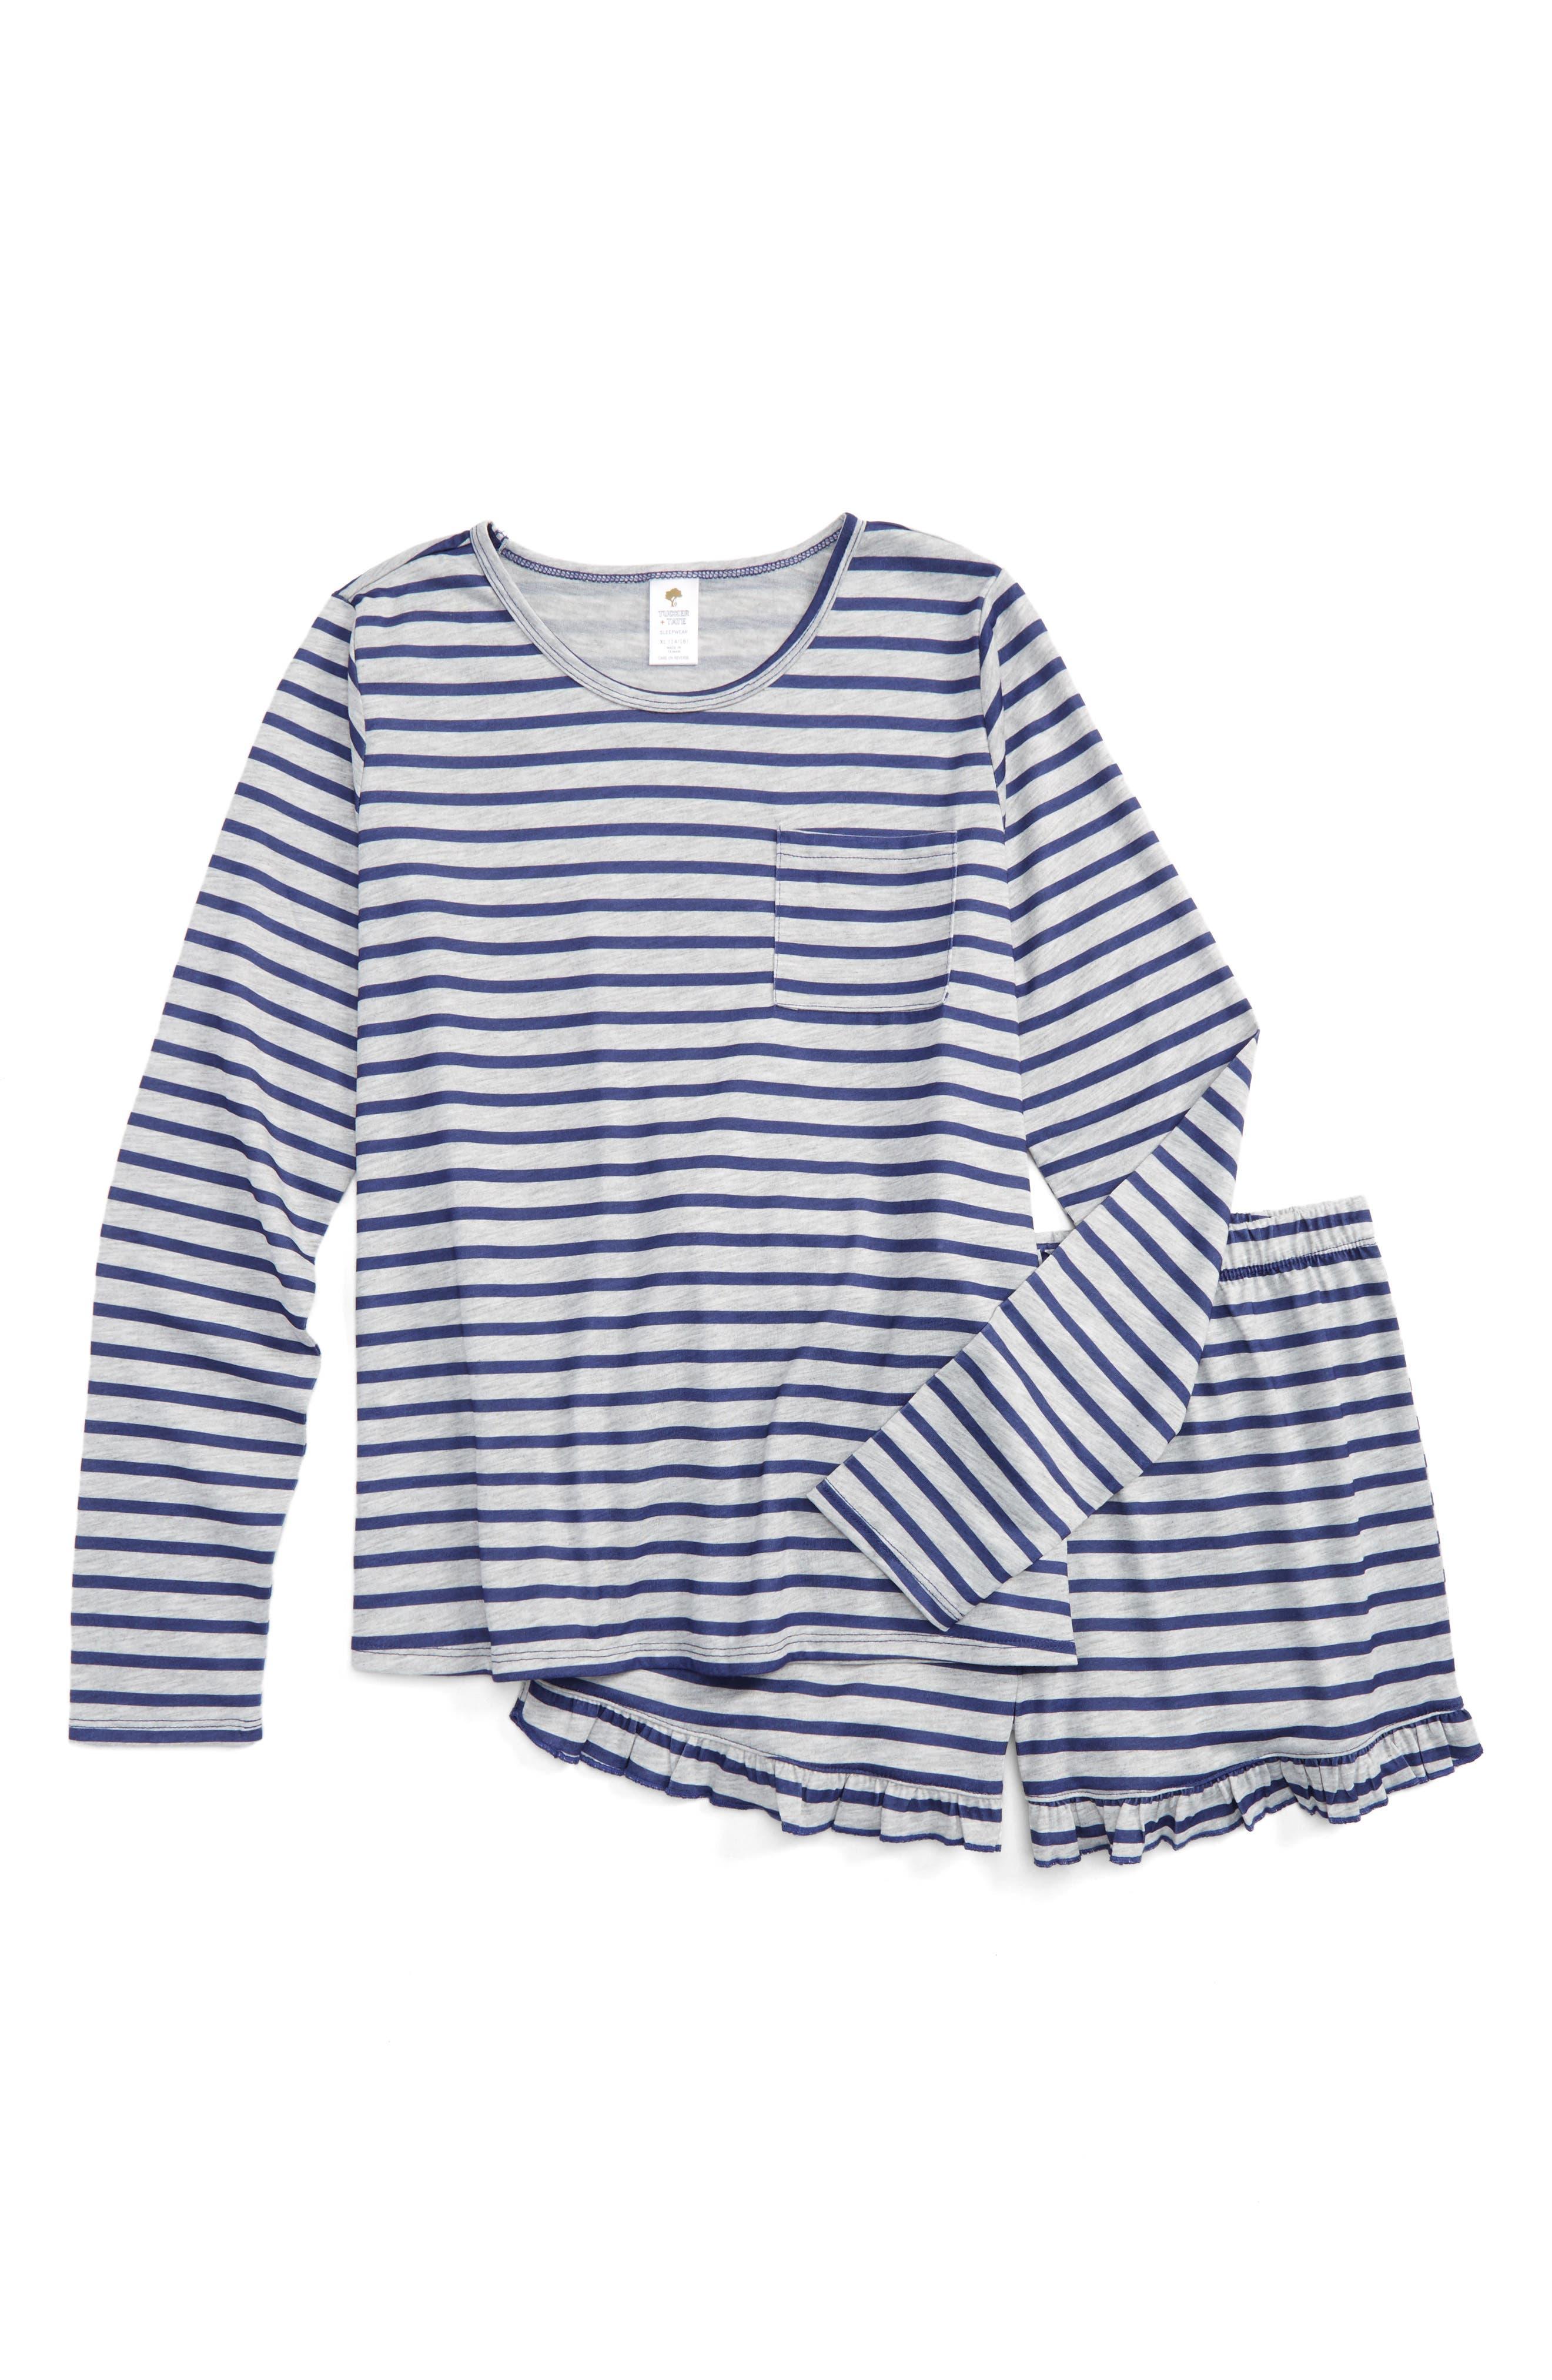 TUCKER + TATE Stripe Two-Piece Pajamas